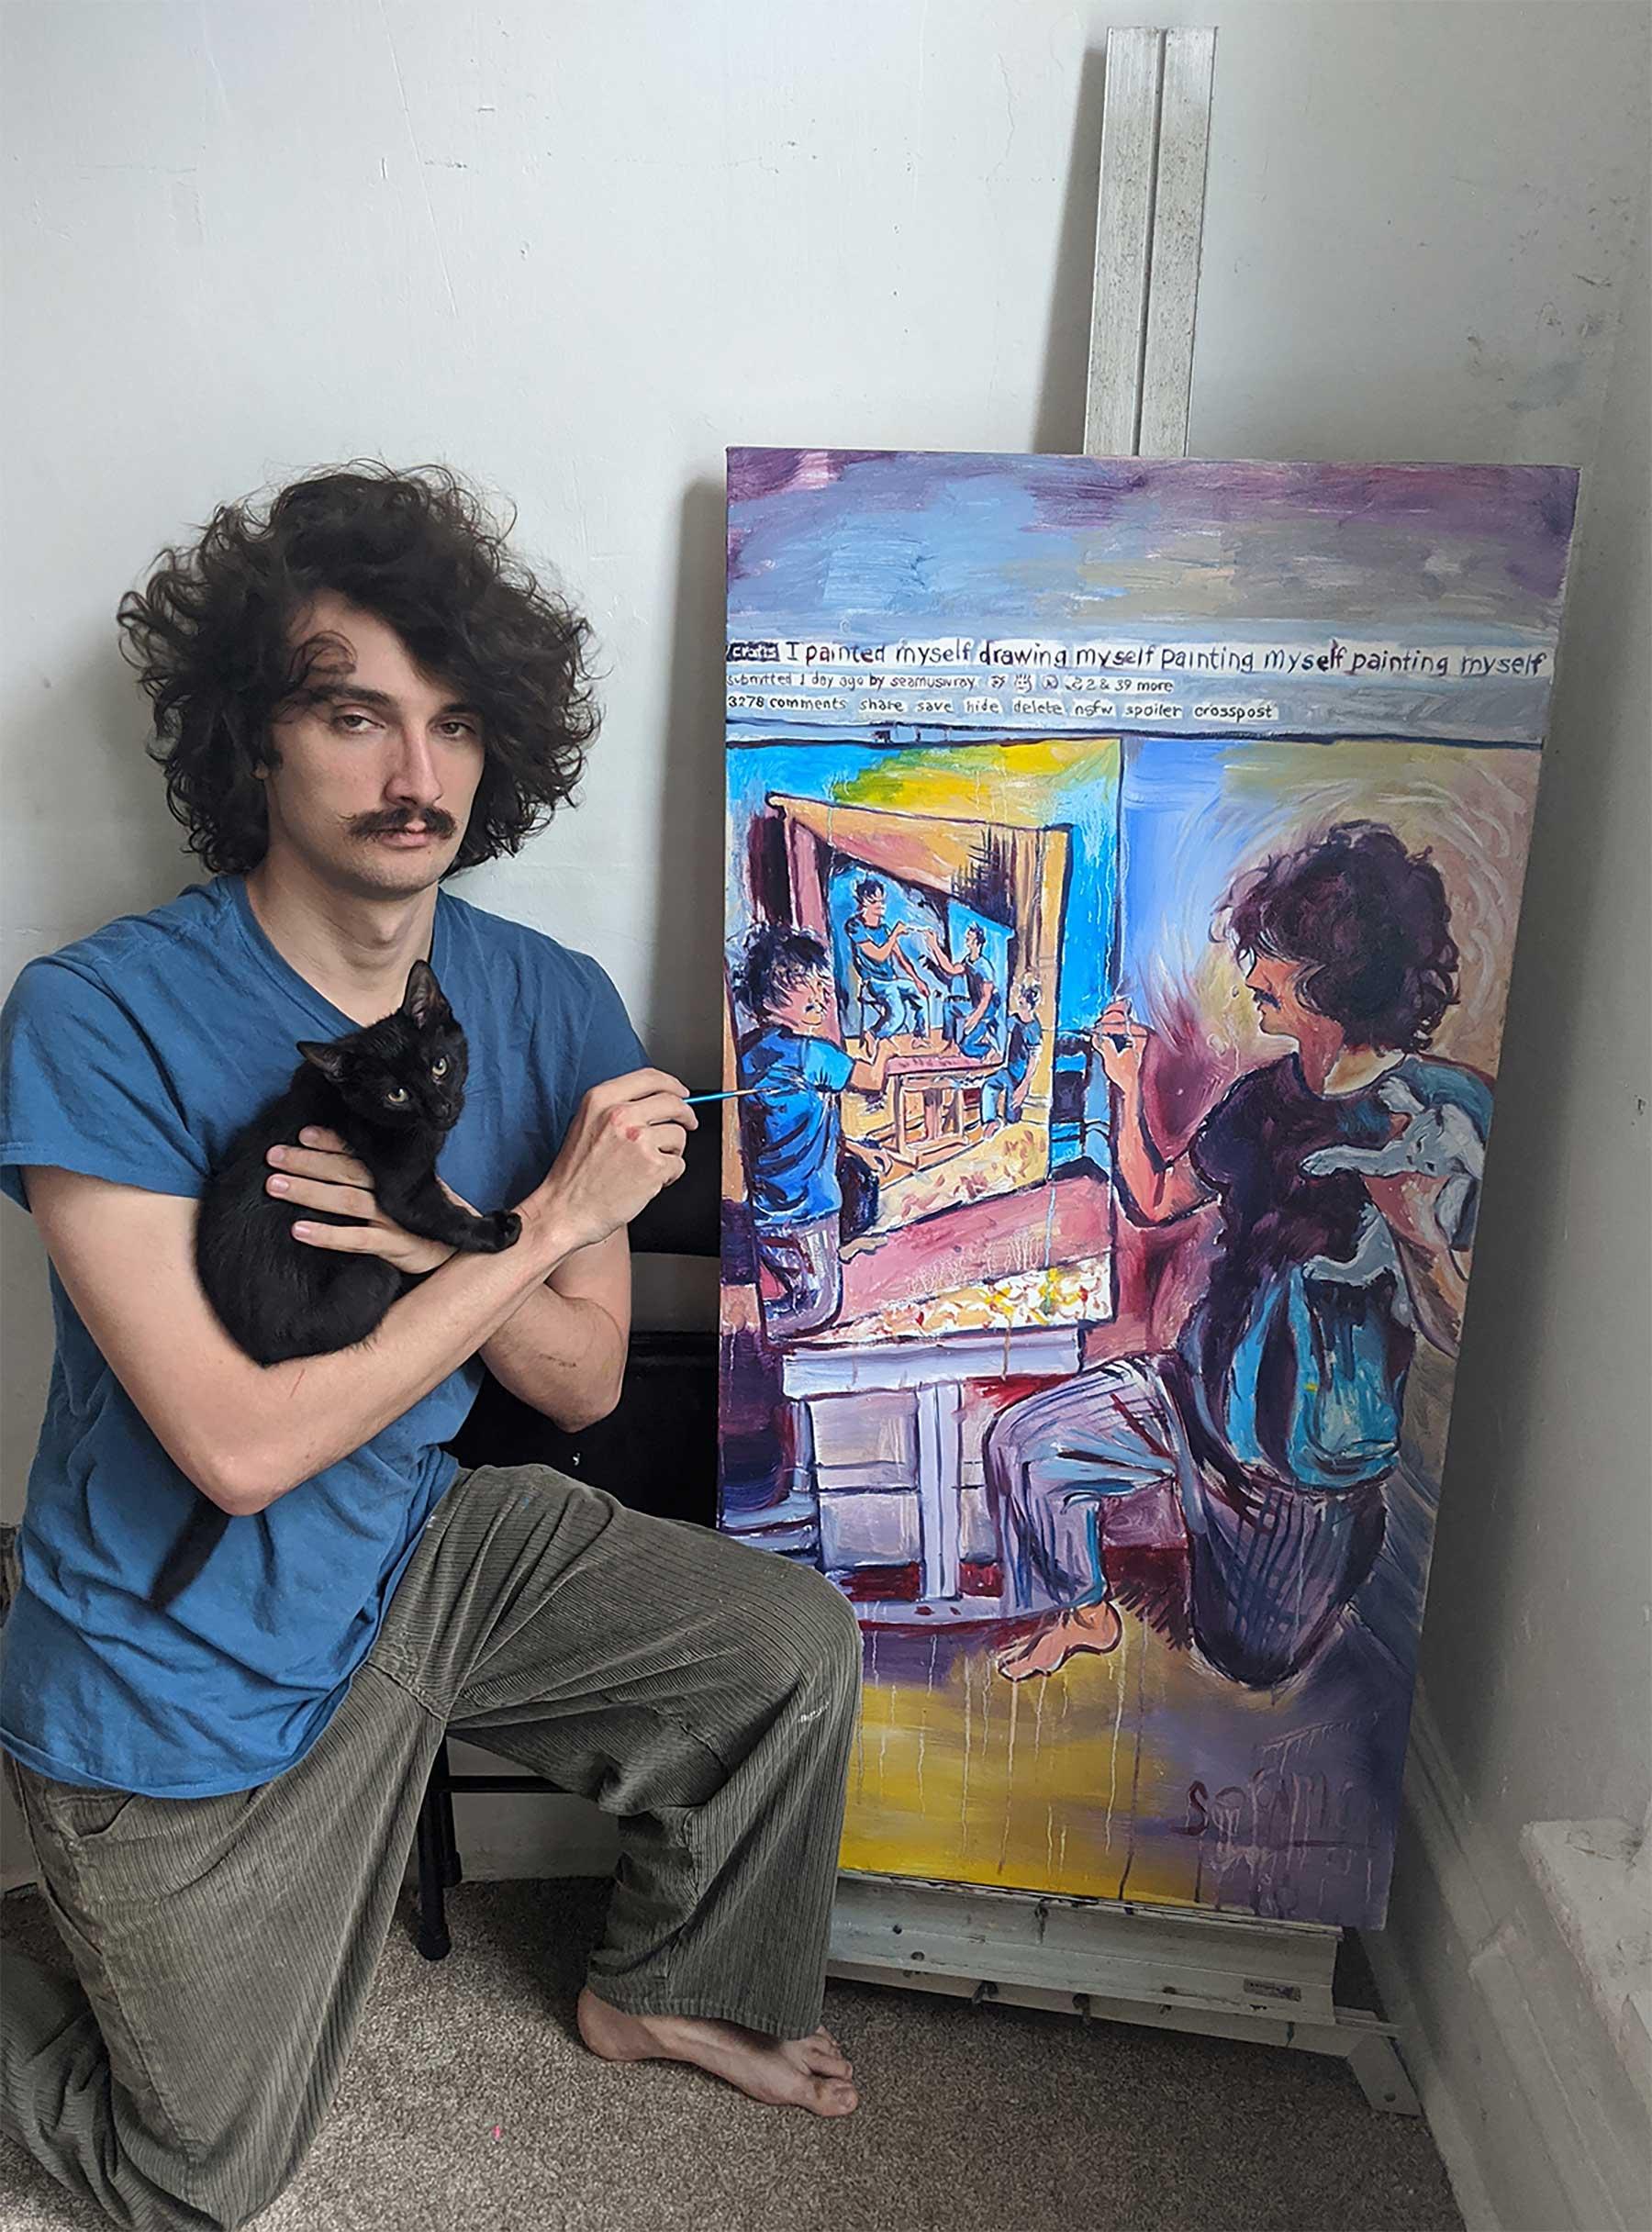 Seamus Wray malt sich, wie er sich malt, wie er sich malt, wie ... Seamus-Wray-self-portrait-meta-levels_06